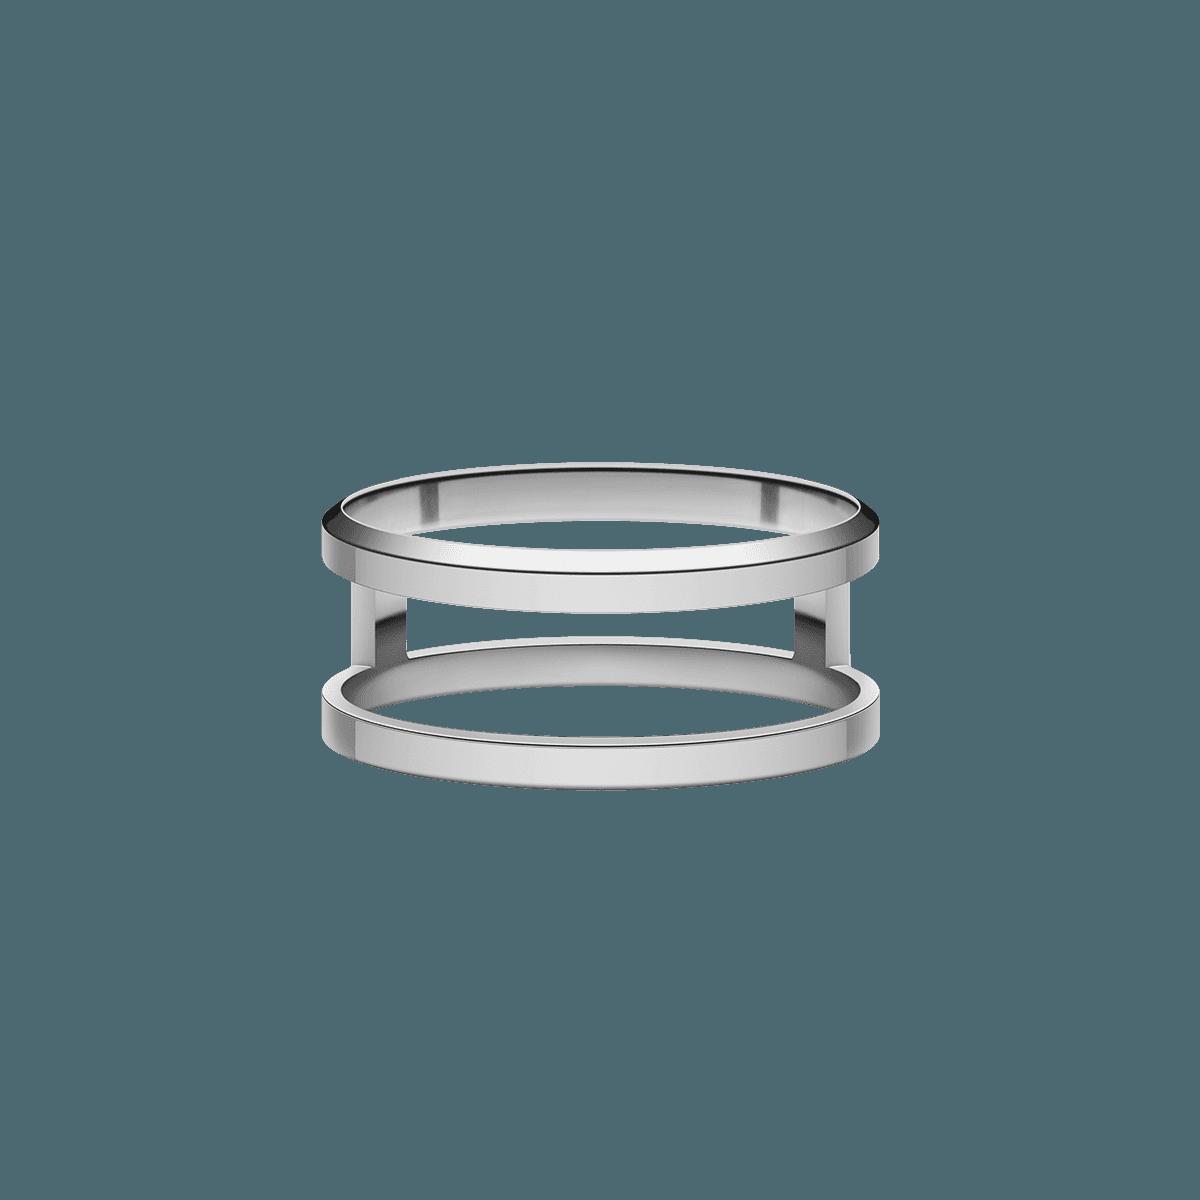 Elan Dual Ring Silver 56